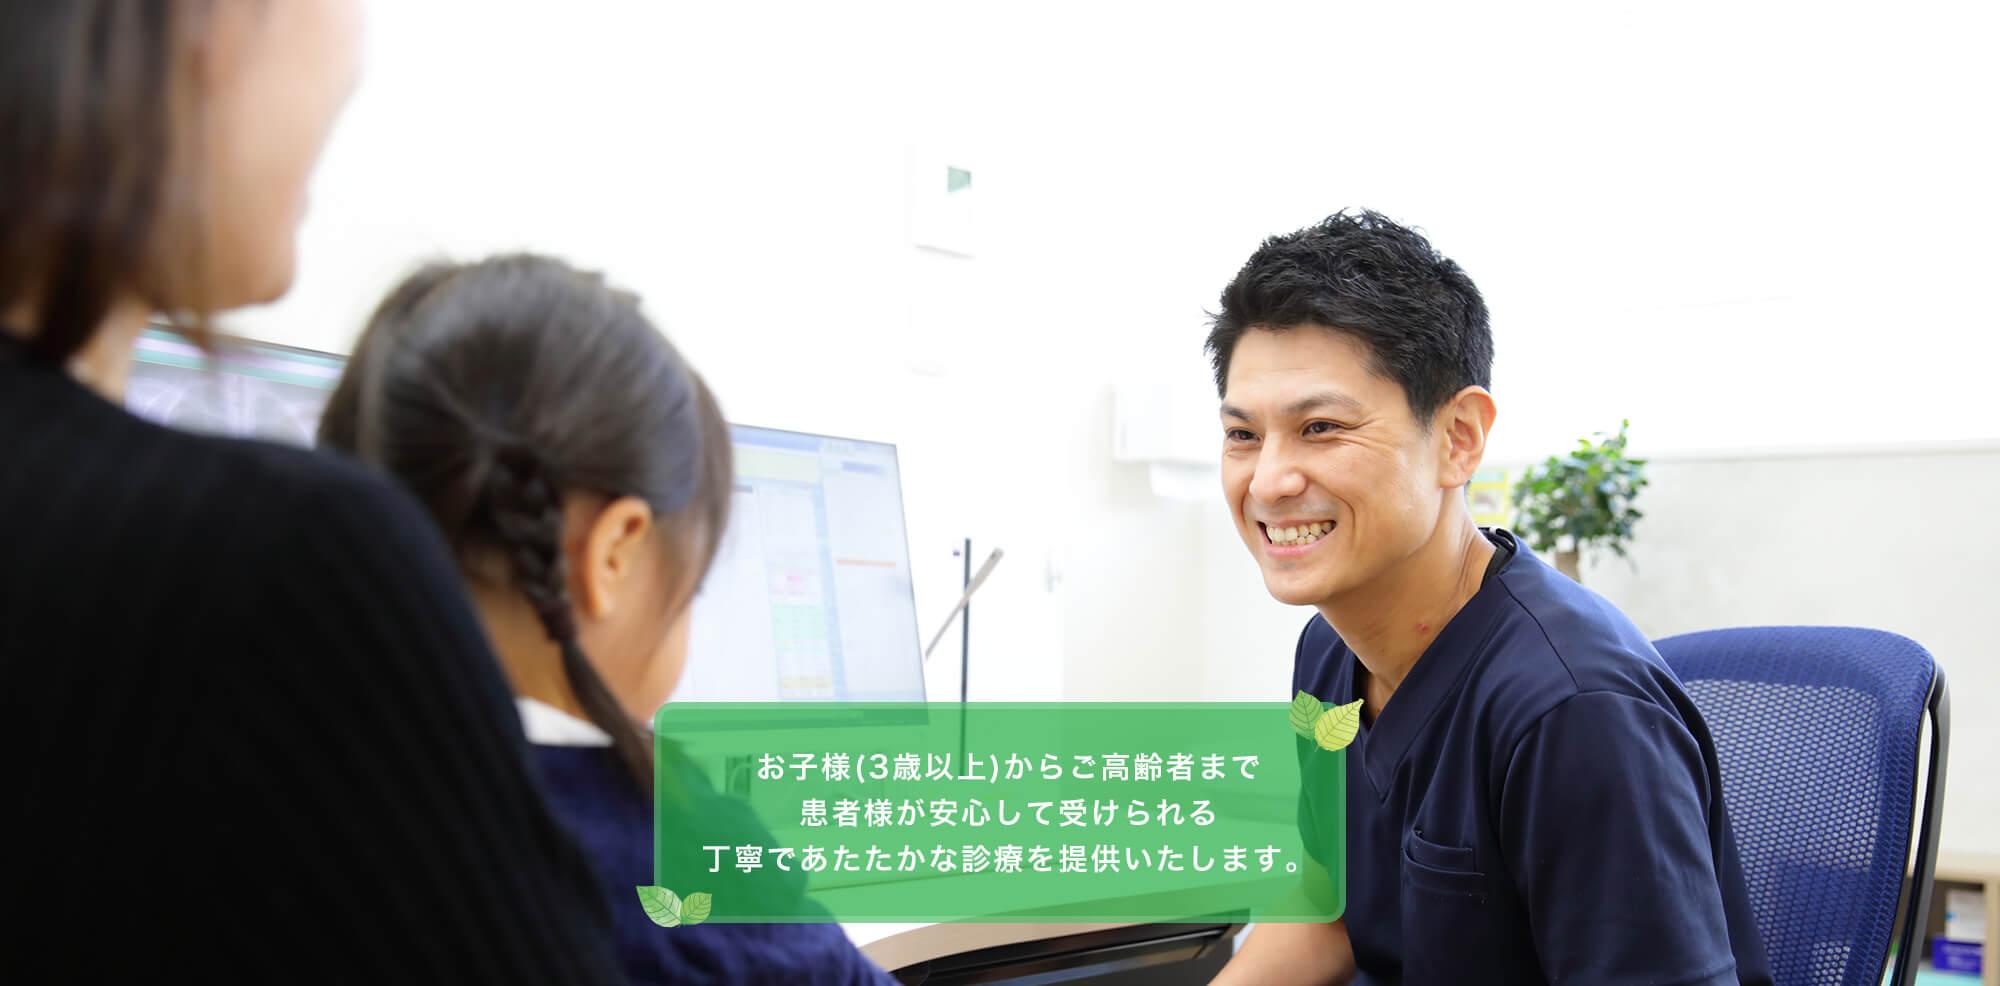 お子様(3歳以上)からご高齢者まで患者様が安心して受けられる丁寧であたたかな診療を提供いたします。